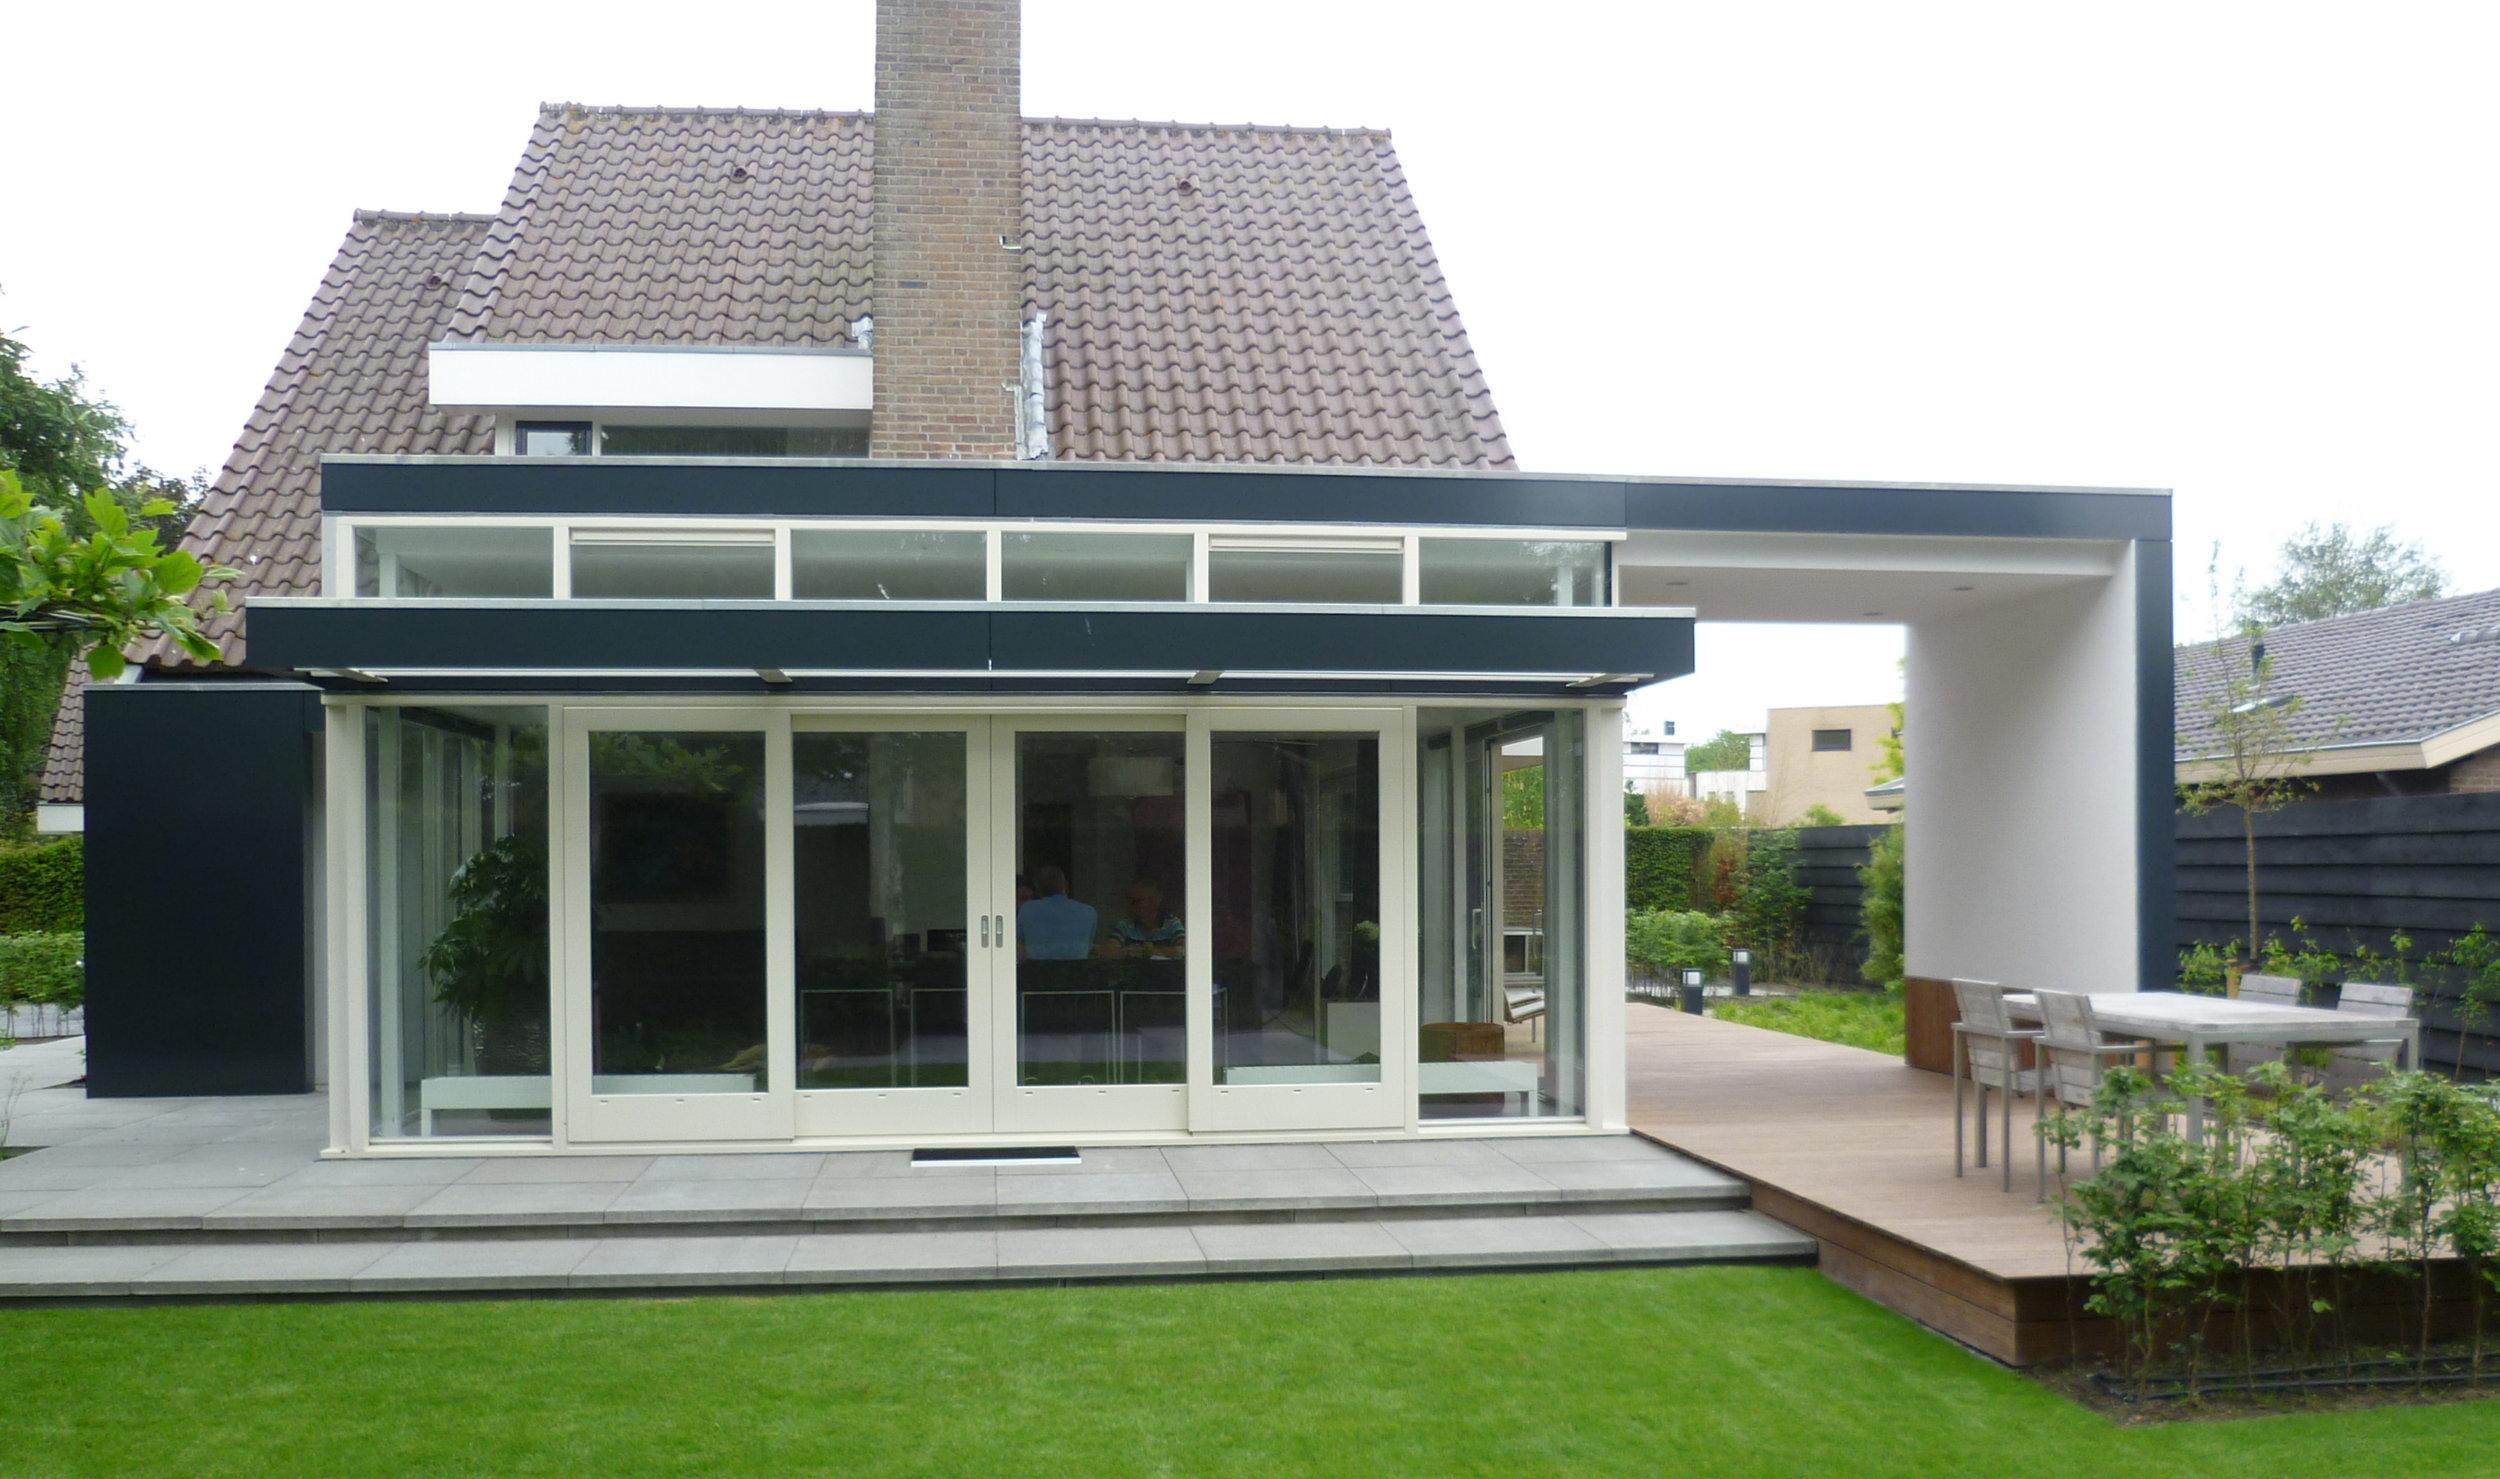 Woninguitbreiding Anthonie van Dycklaan - Alkmaar